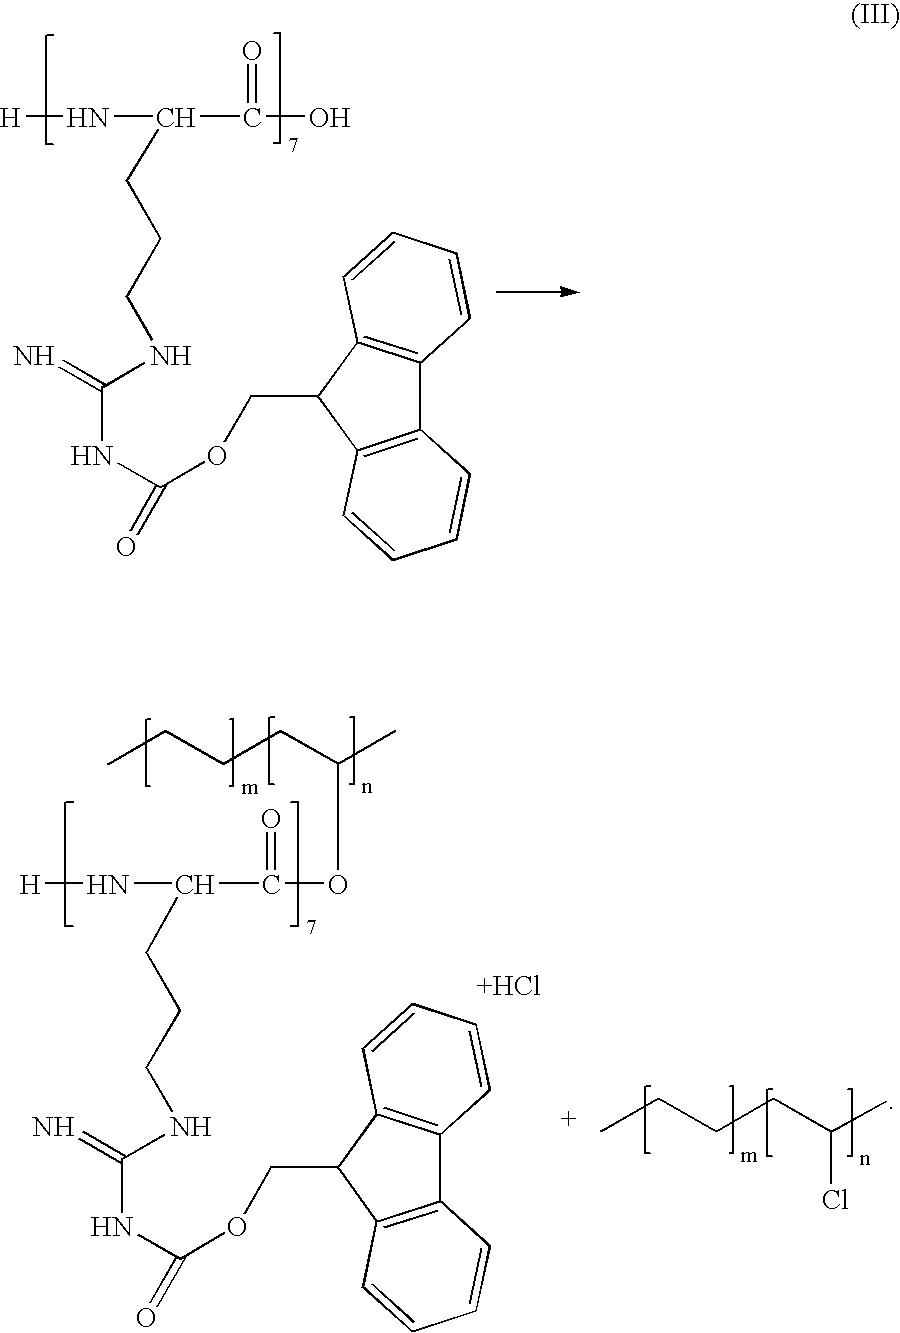 Figure US07033602-20060425-C00003